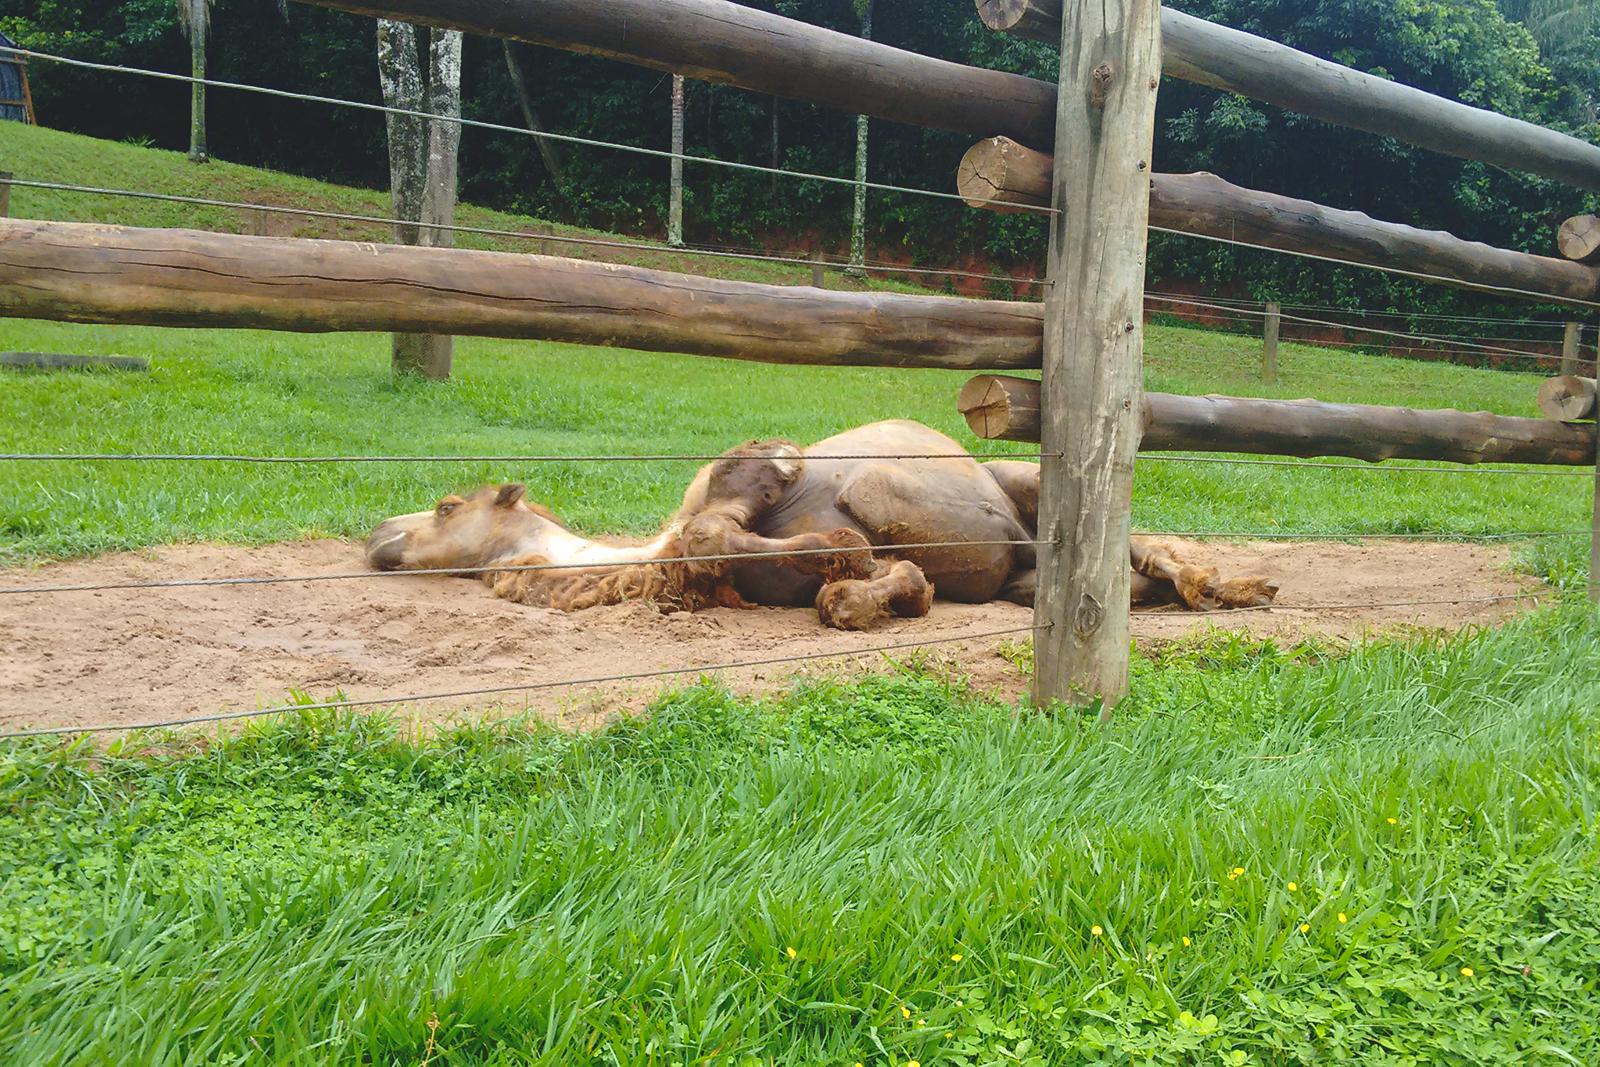 camelo deitado dormindo